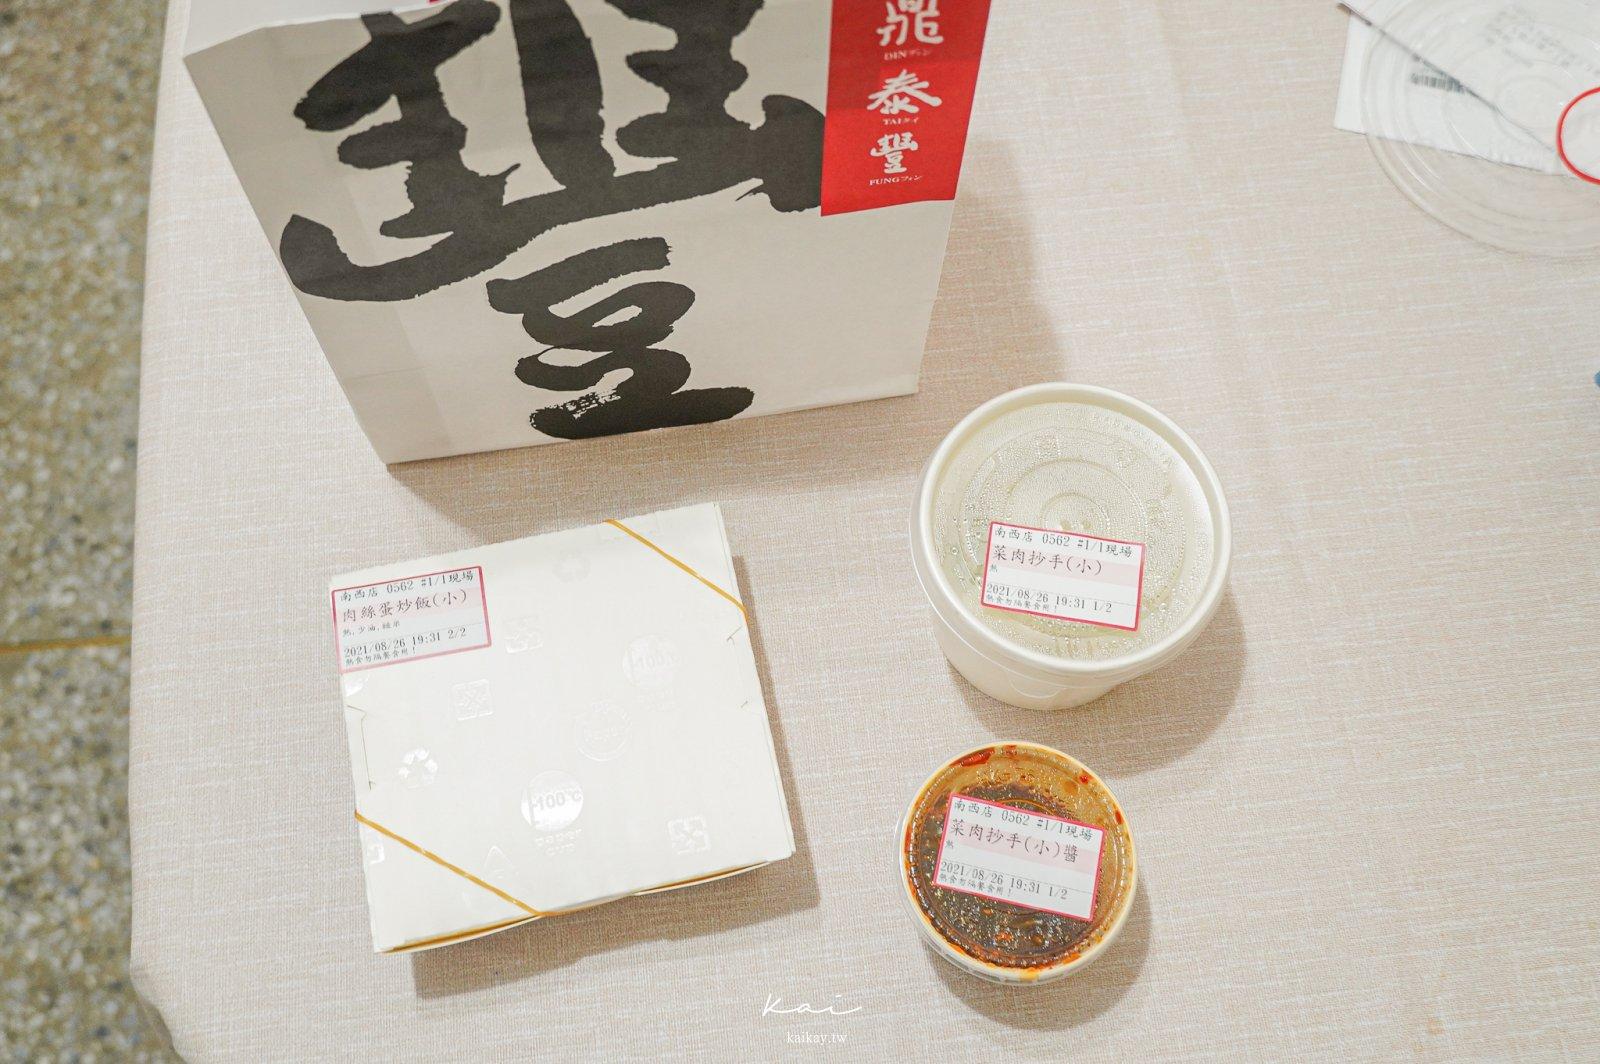 ☆【美食】鼎泰豐外帶開箱。炒飯隱藏版吃法(菜單、訂餐)